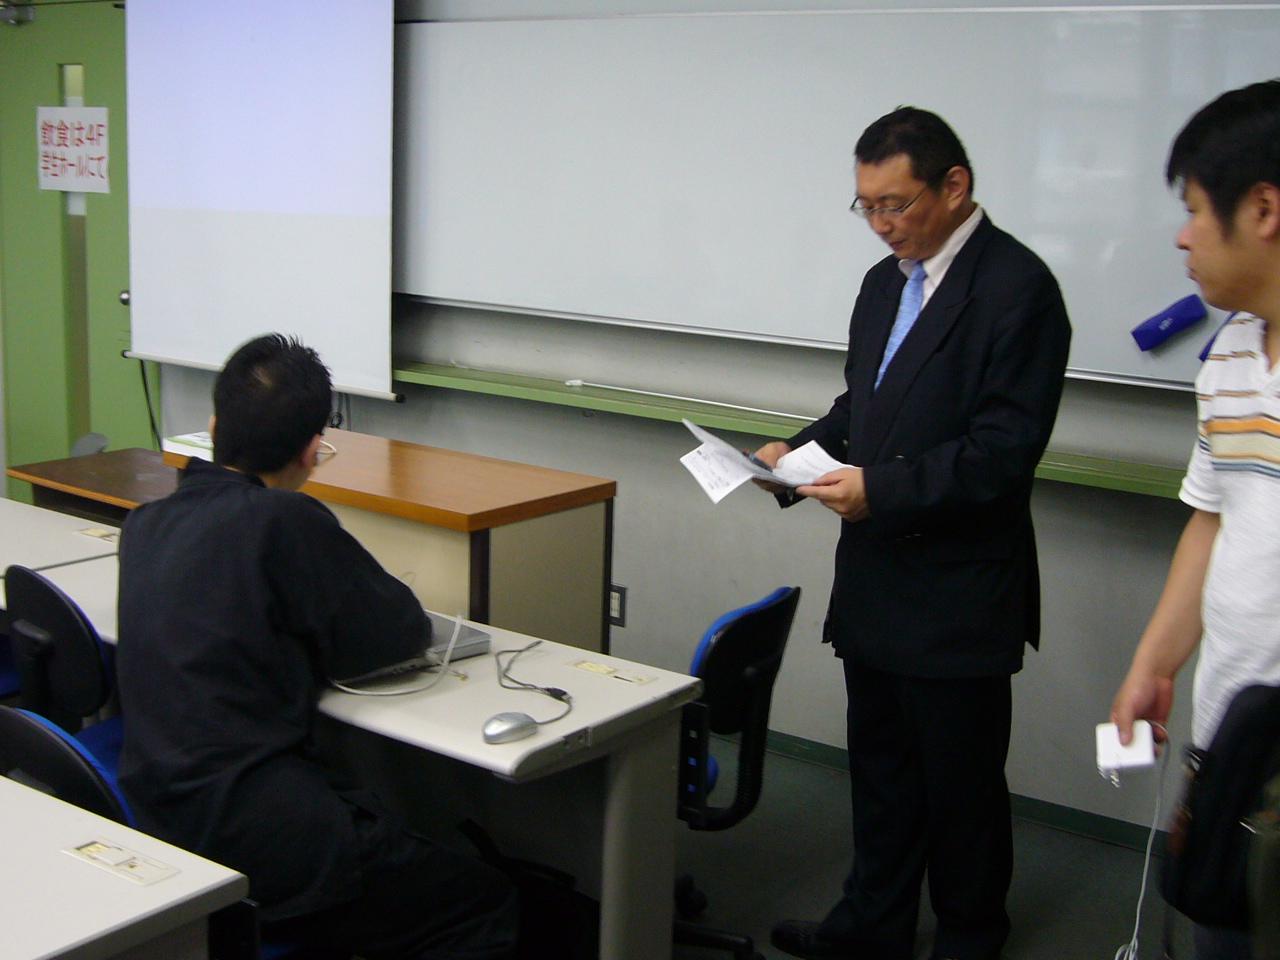 オープンソースカンファレンス2008Kansai@Kyoto10